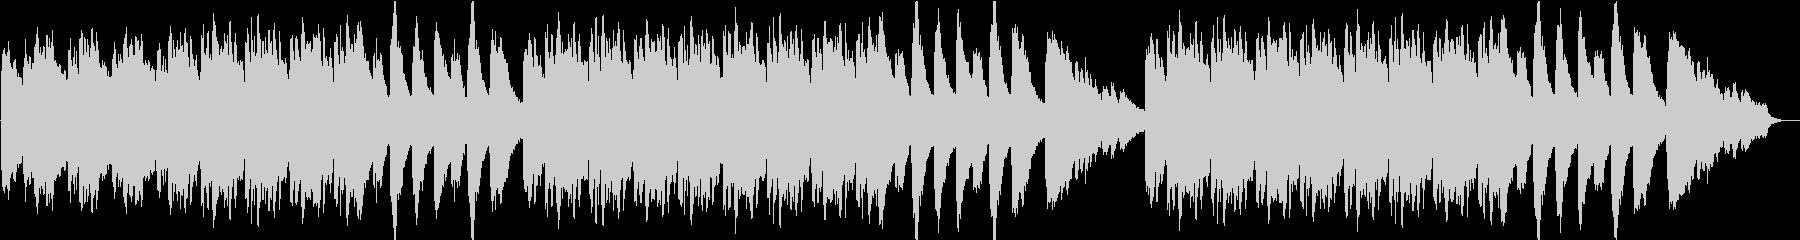 エクソシスト風ピアノ 恐怖 オカルトの未再生の波形